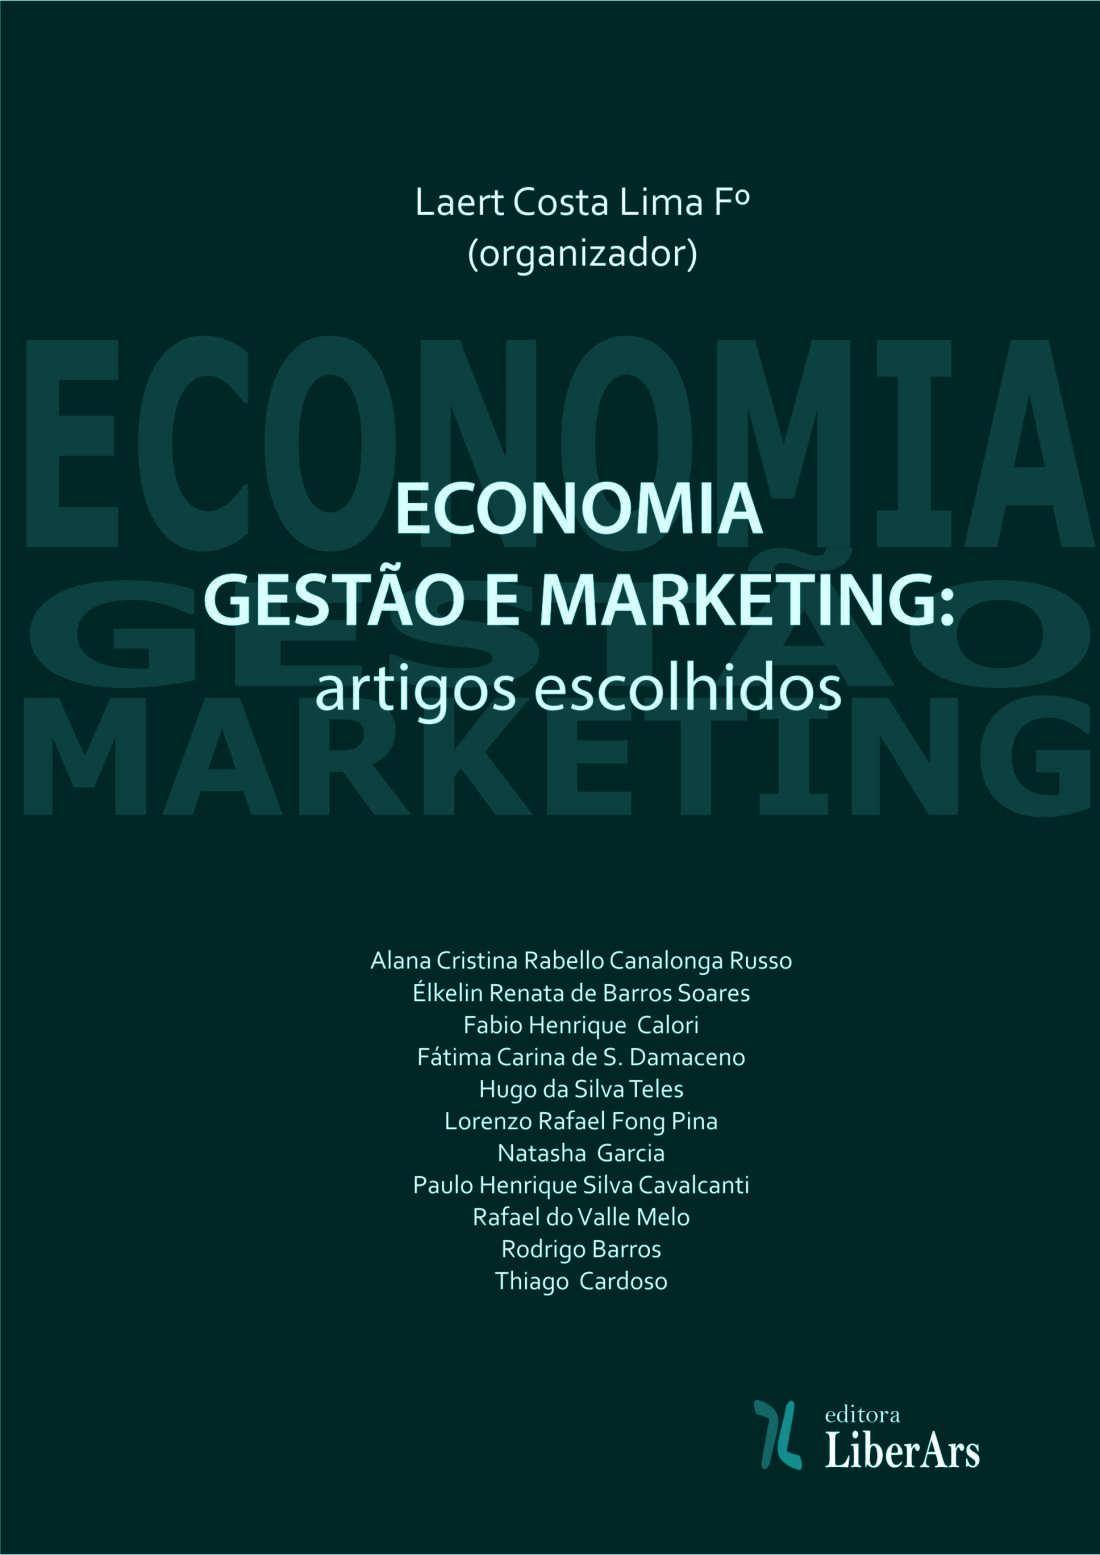 Economia, gestão e marketing - Artigos escolhidos, livro de Laert Costa Lima Fº (org.)